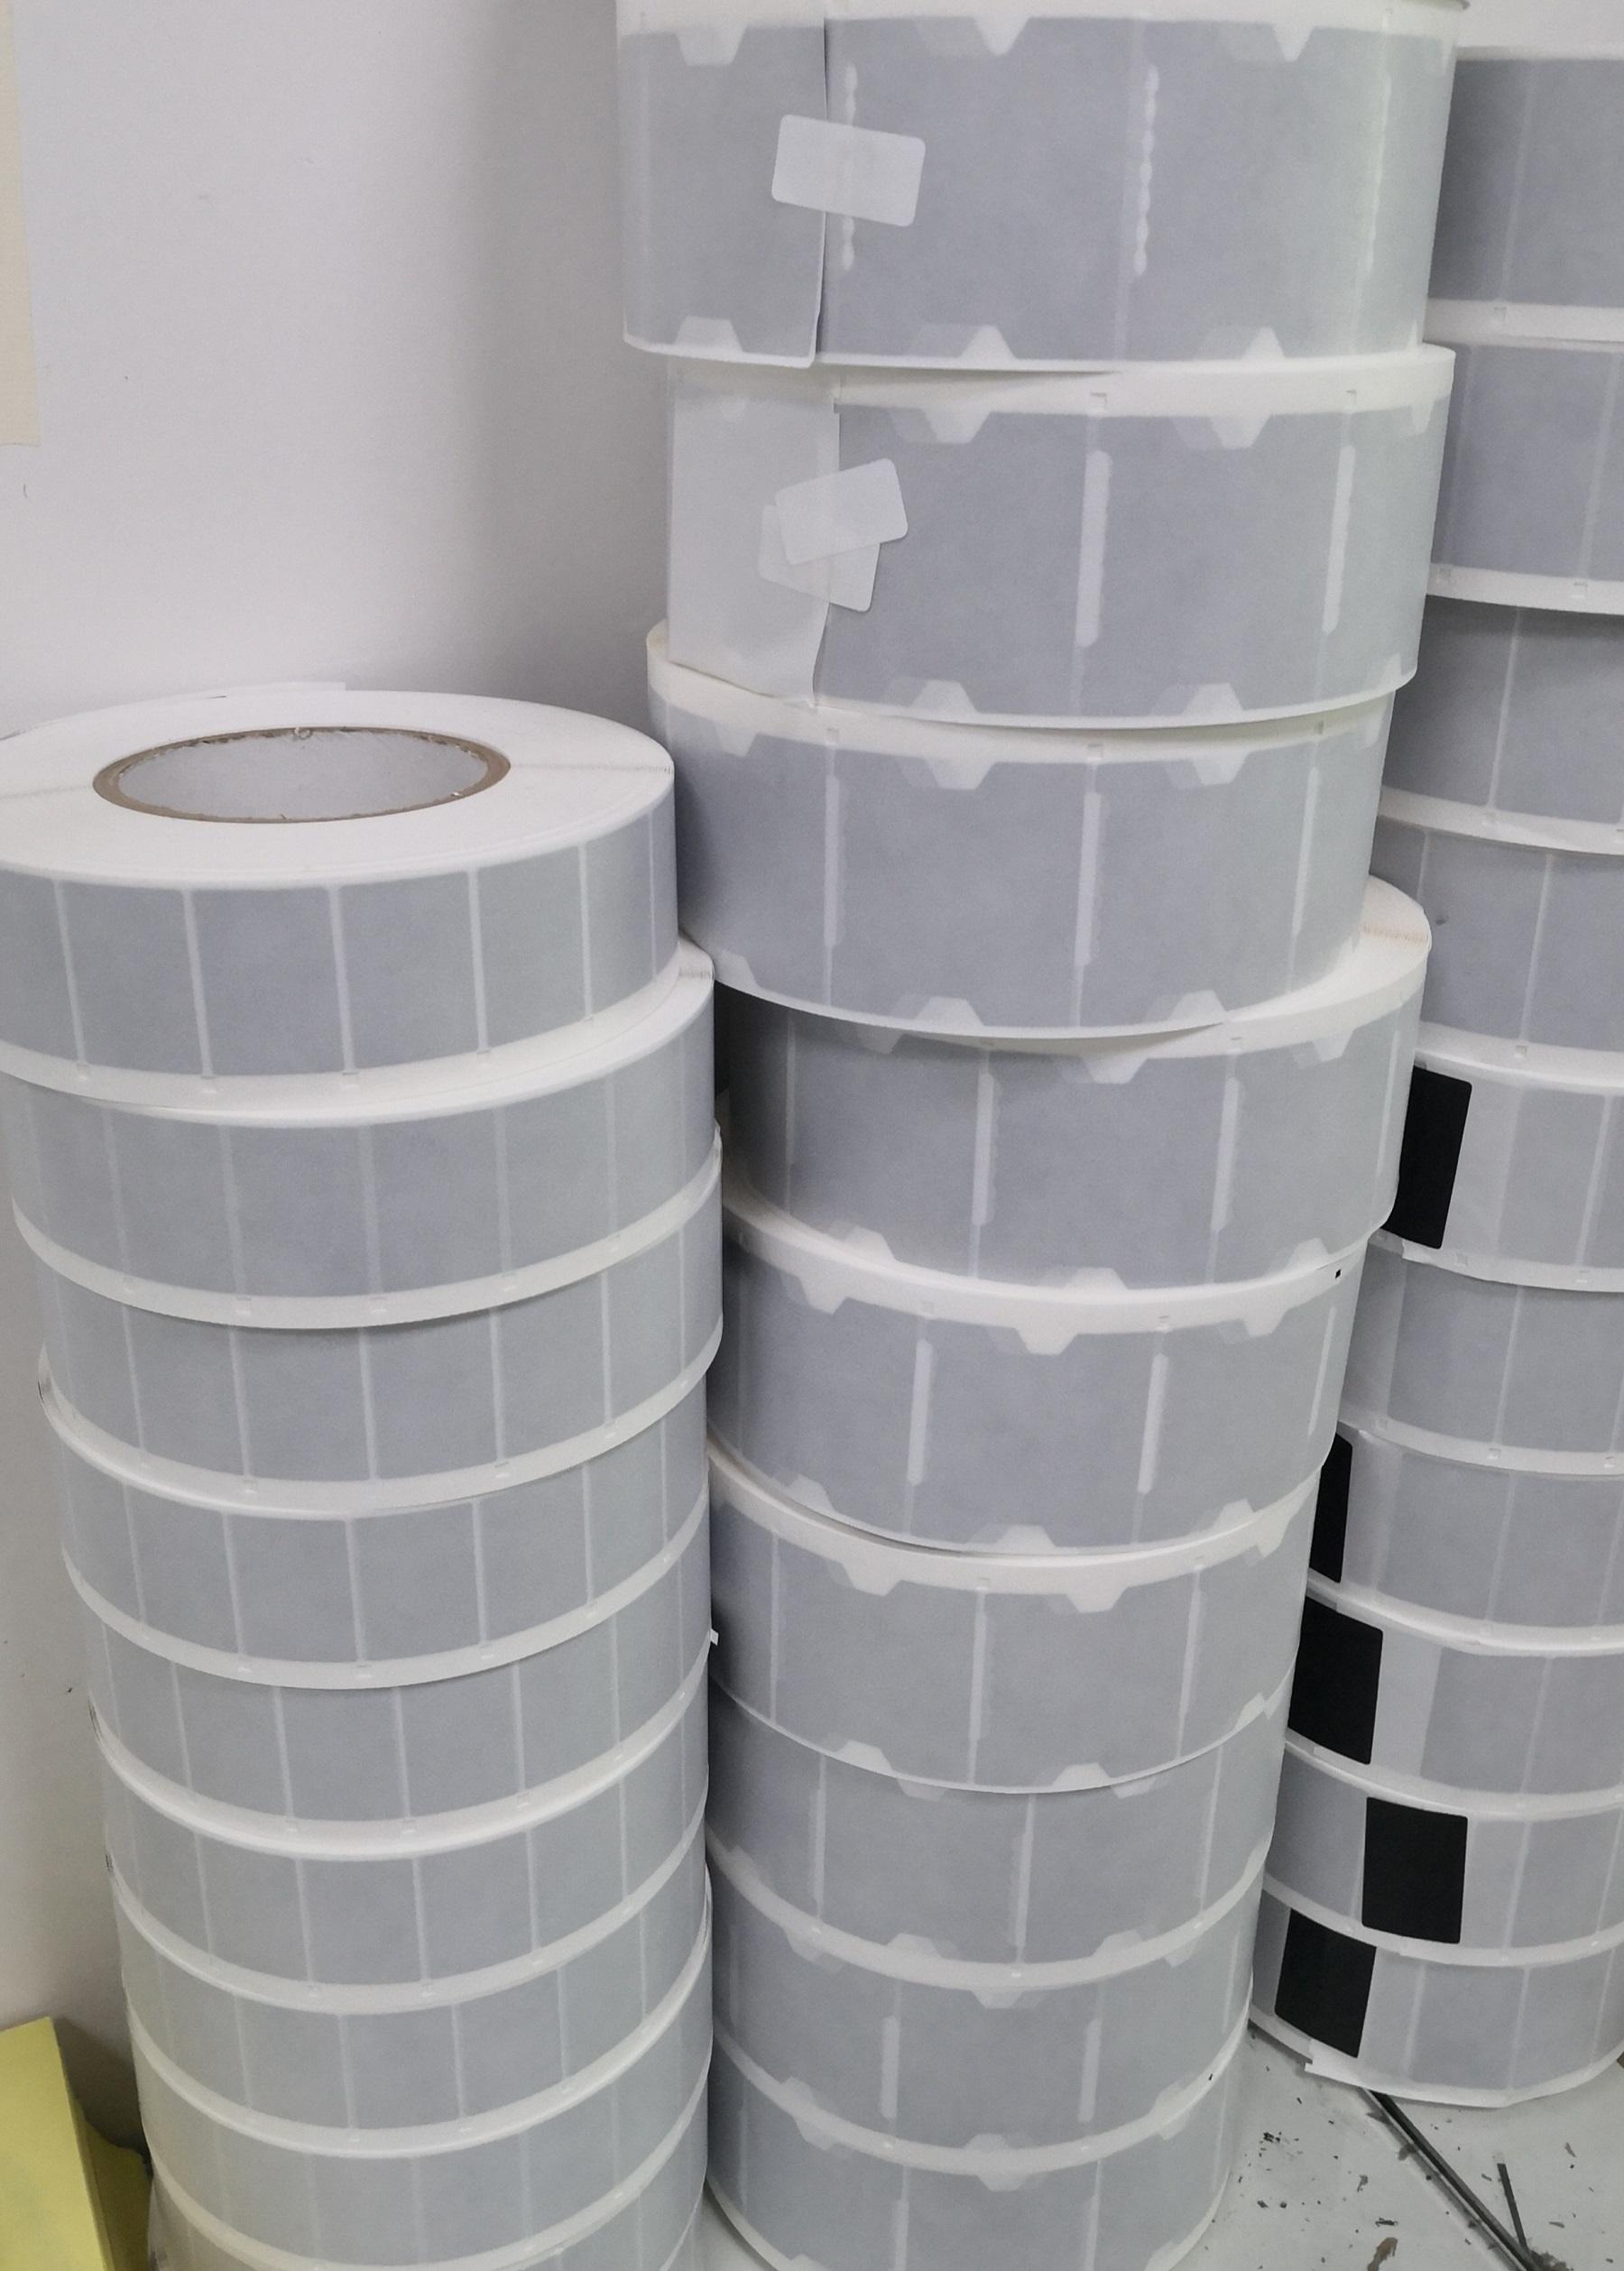 汉中特光纸不干胶彩色印刷标签哑银不干胶标签定做印刷灵活选购